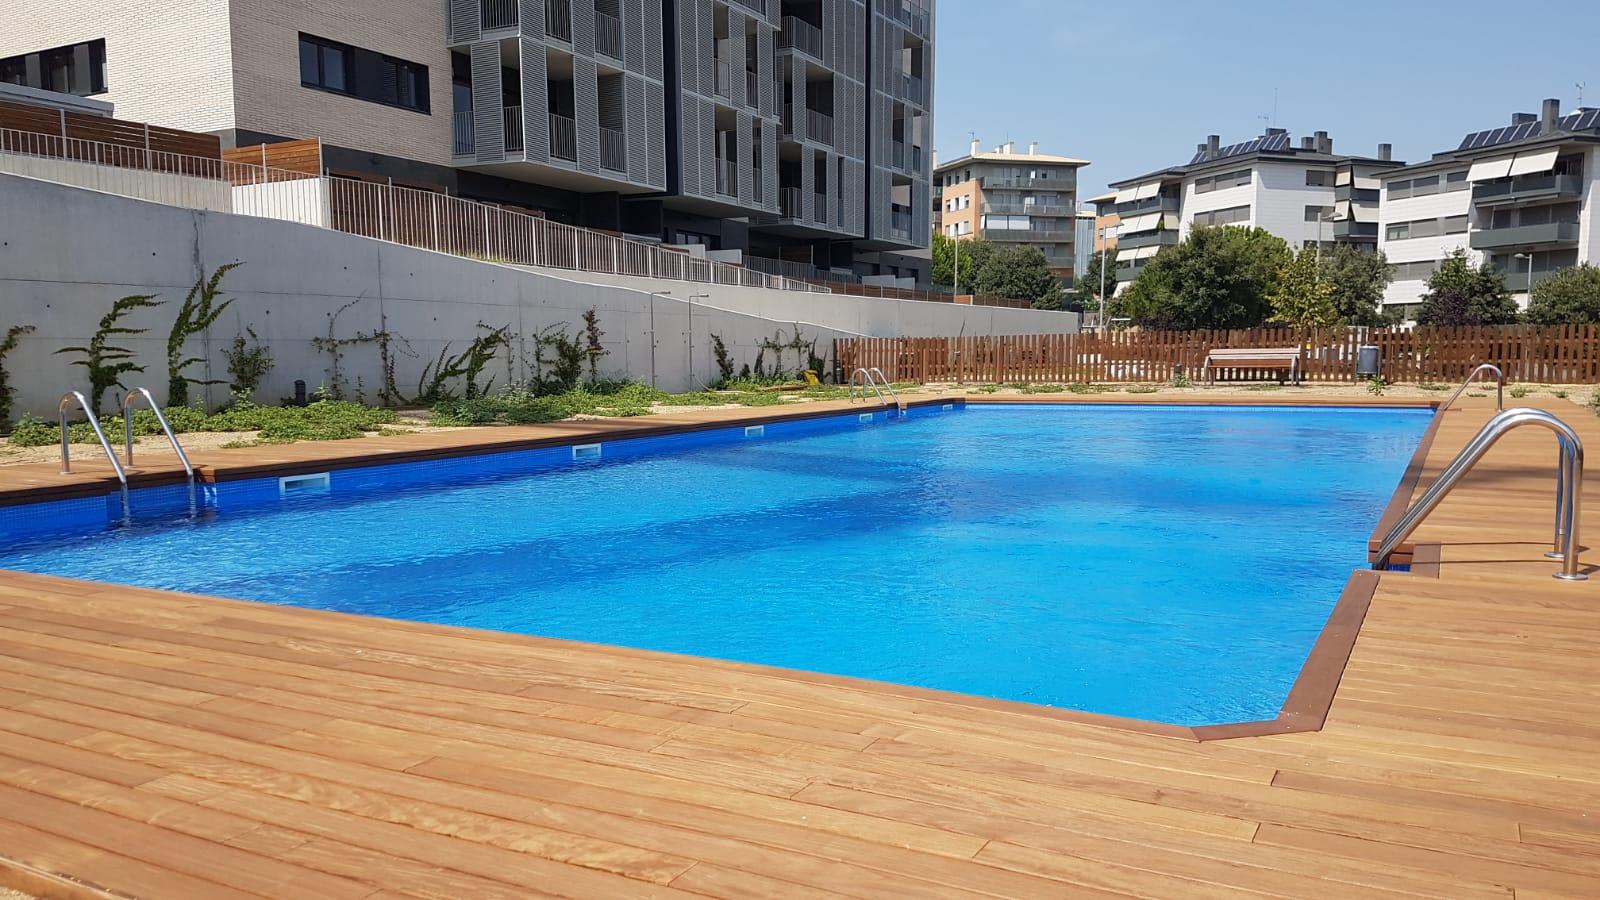 Construir una piscina para toda la vida